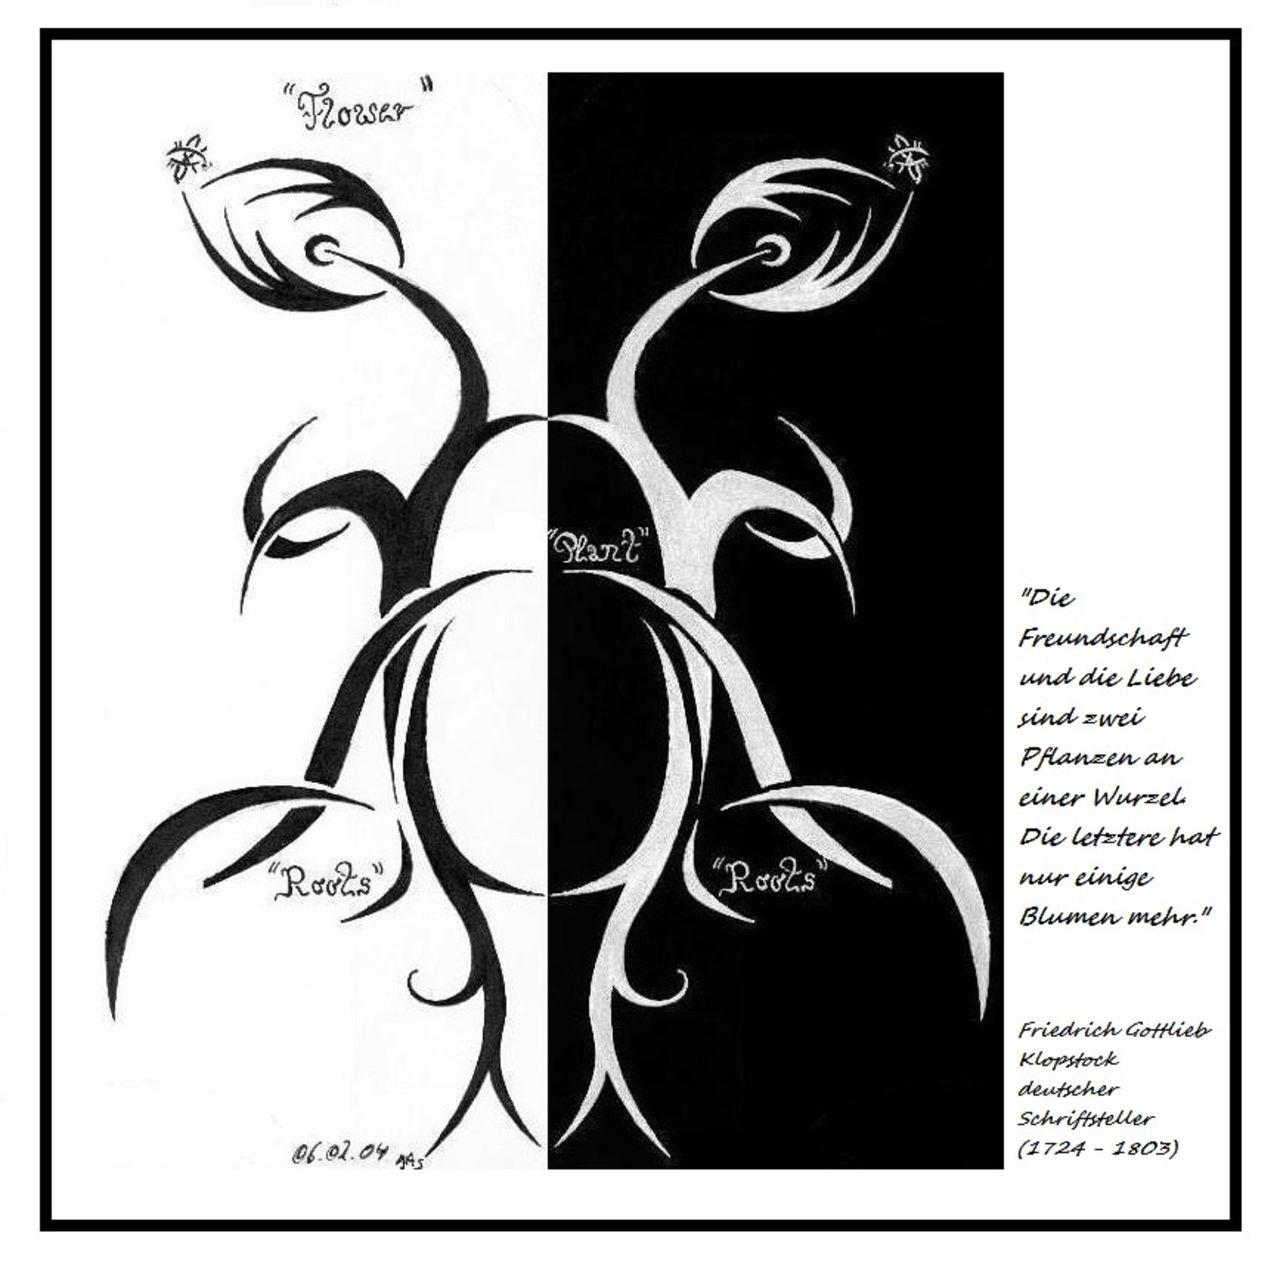 Flower Plant Roots Blume Pflanze Wurzeln Mit Zitat Blumen